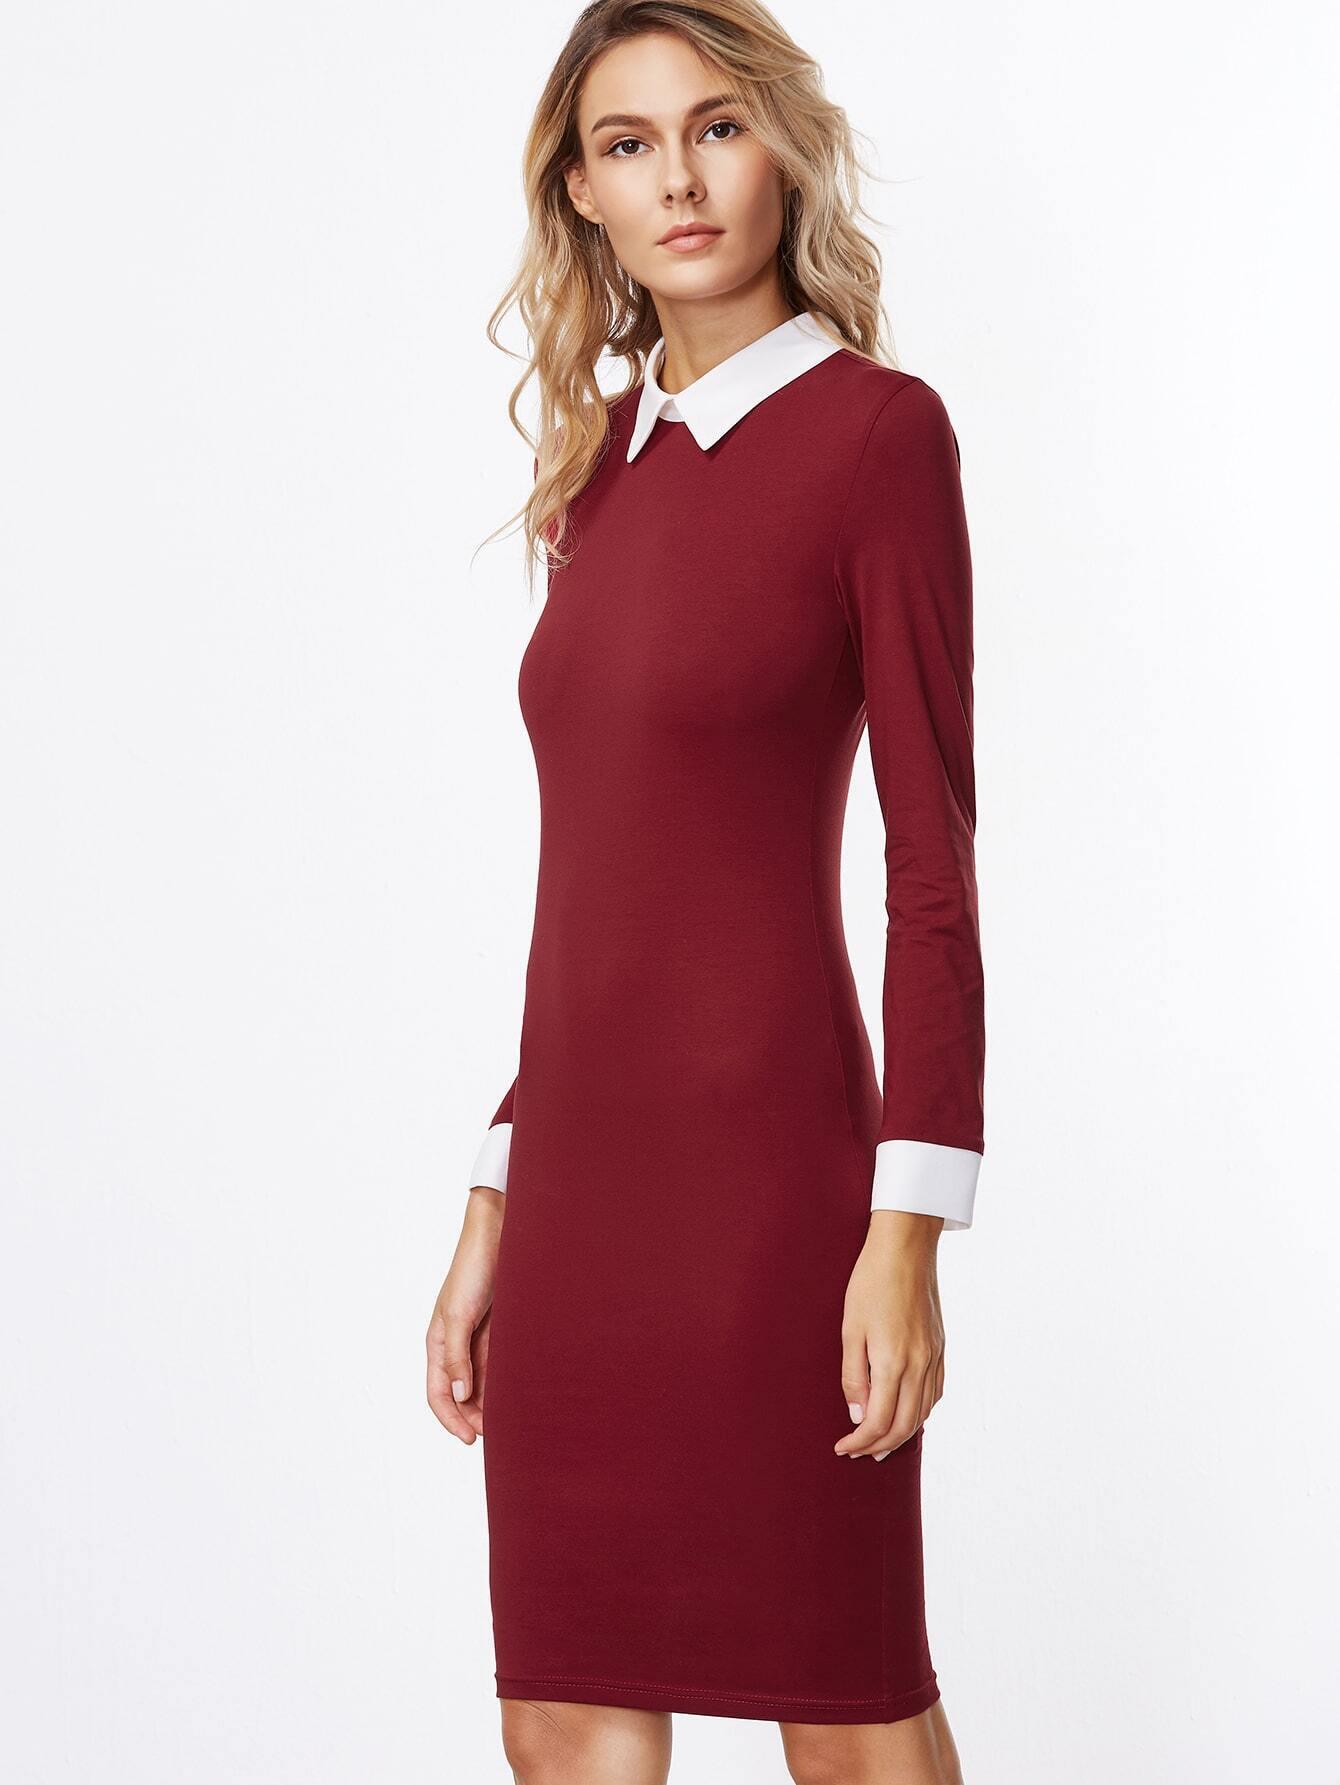 dress161027707_2